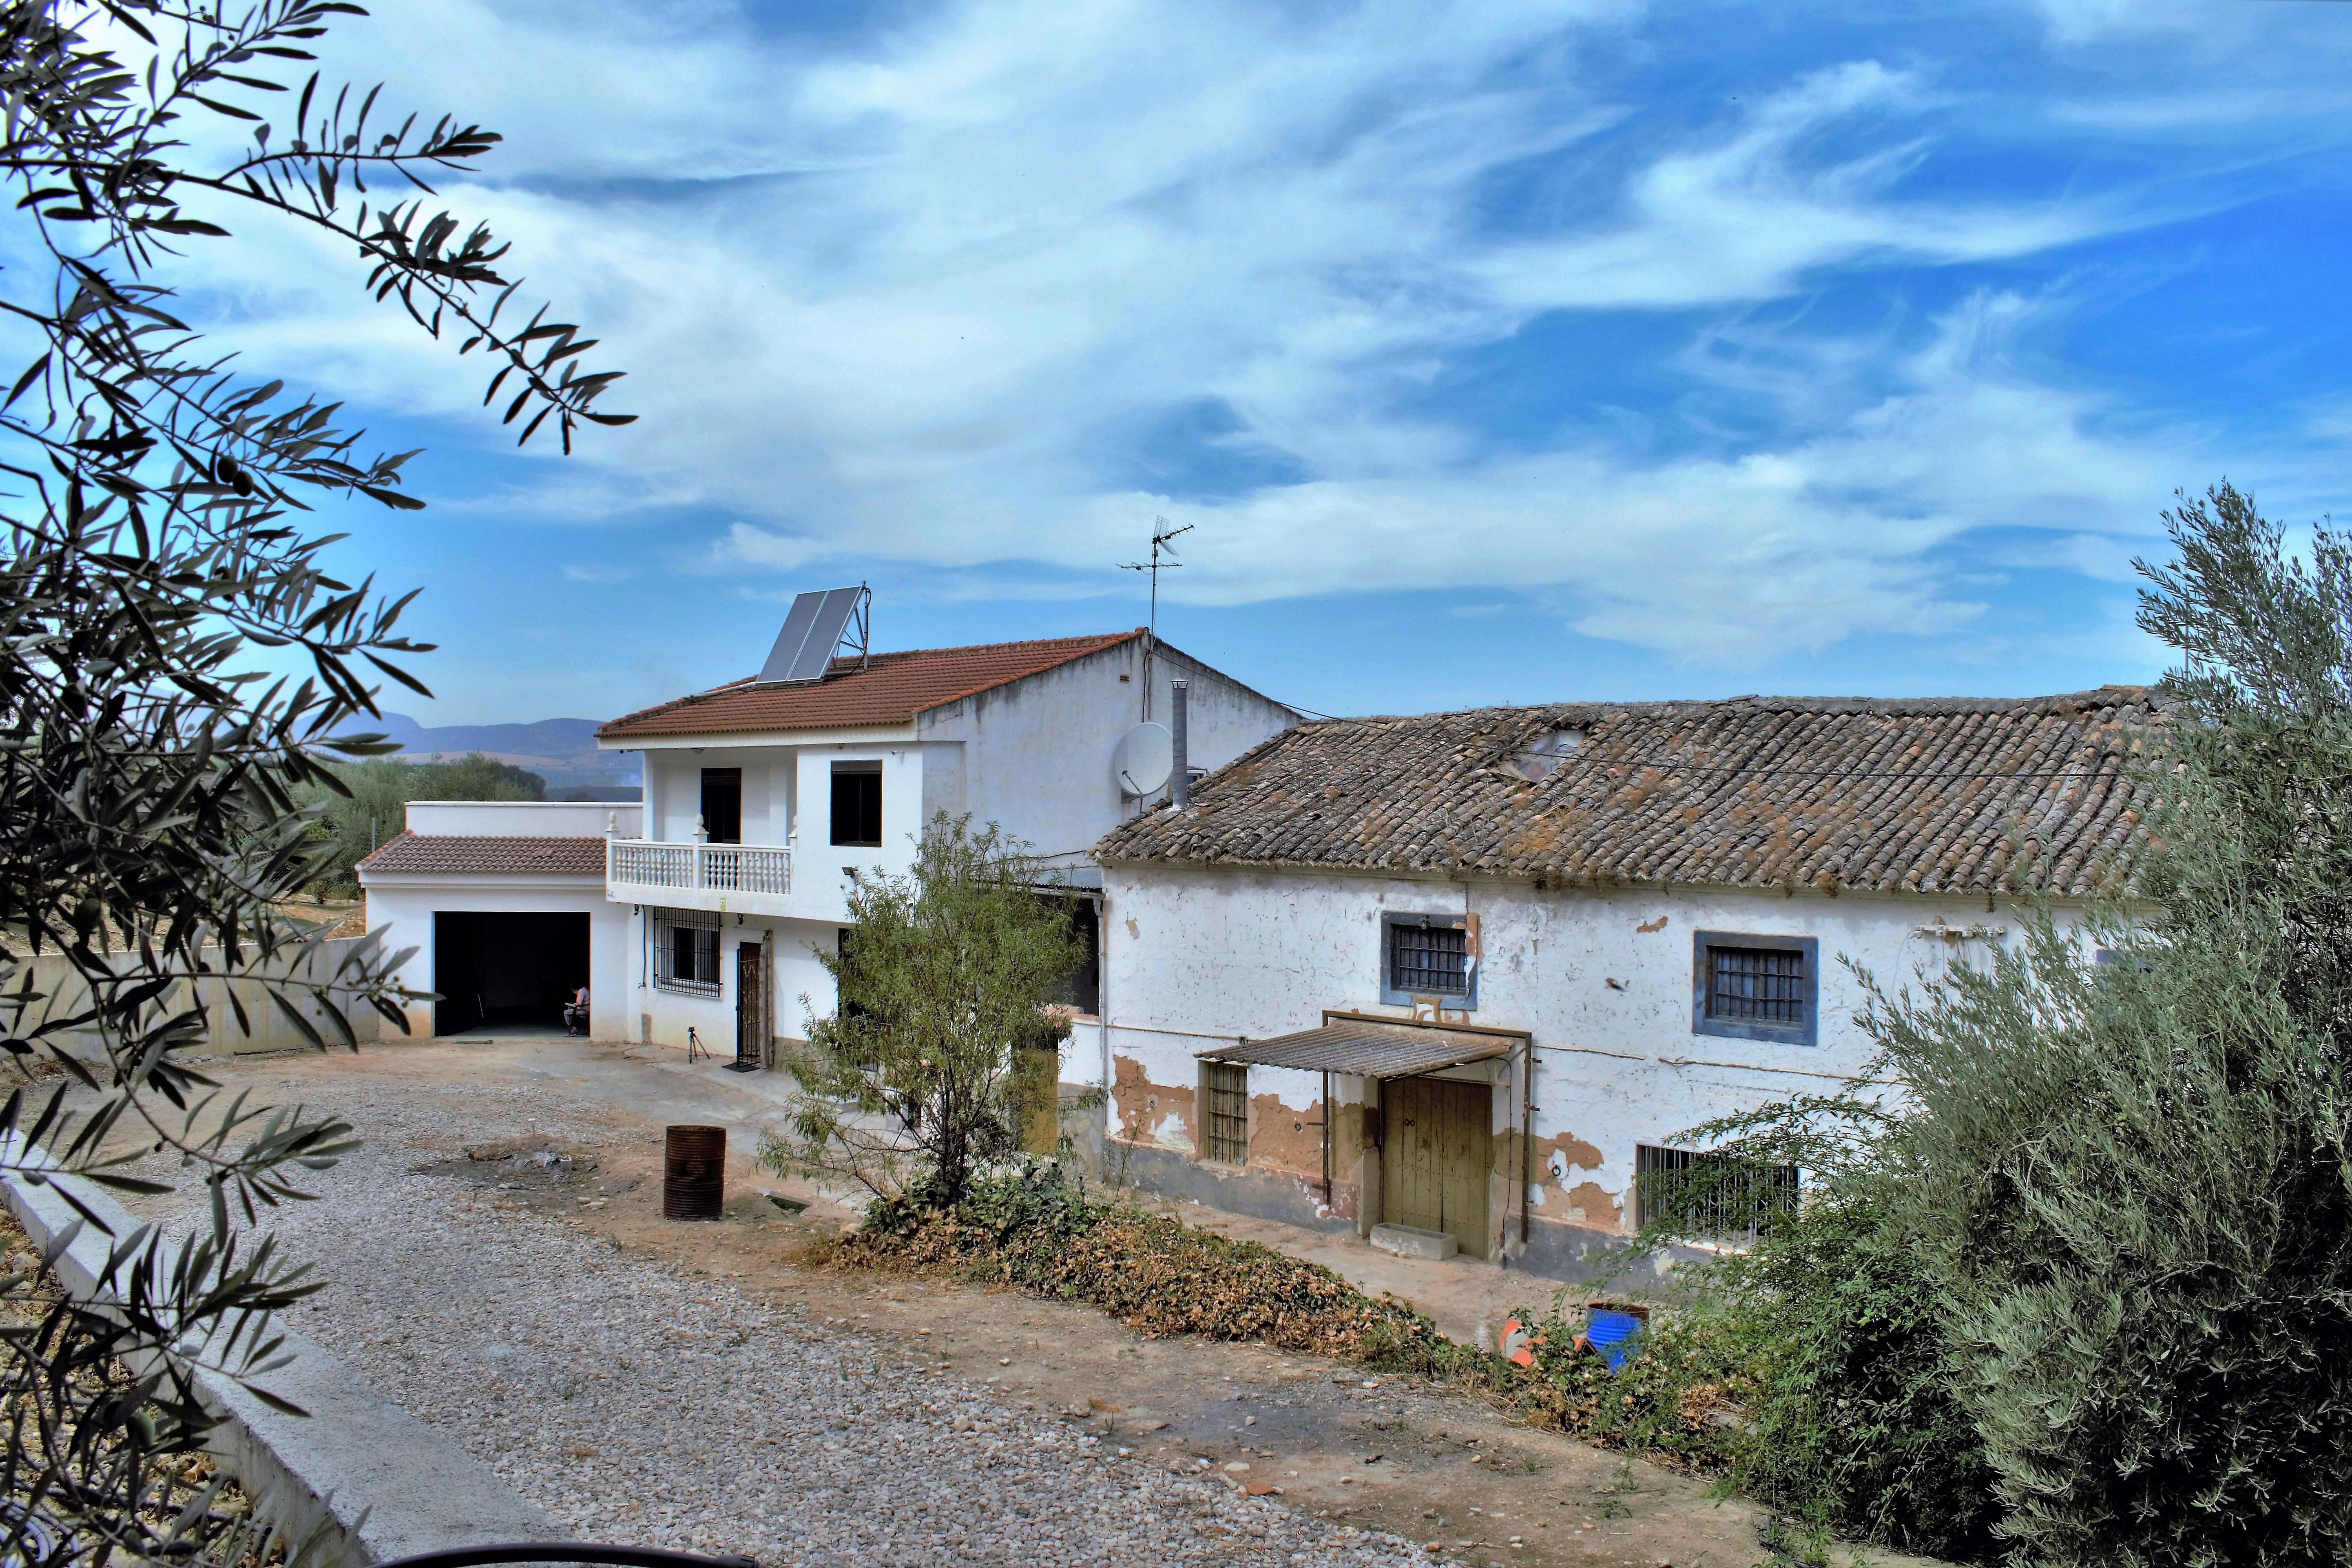 4 bedroom Finca for sale in Loja